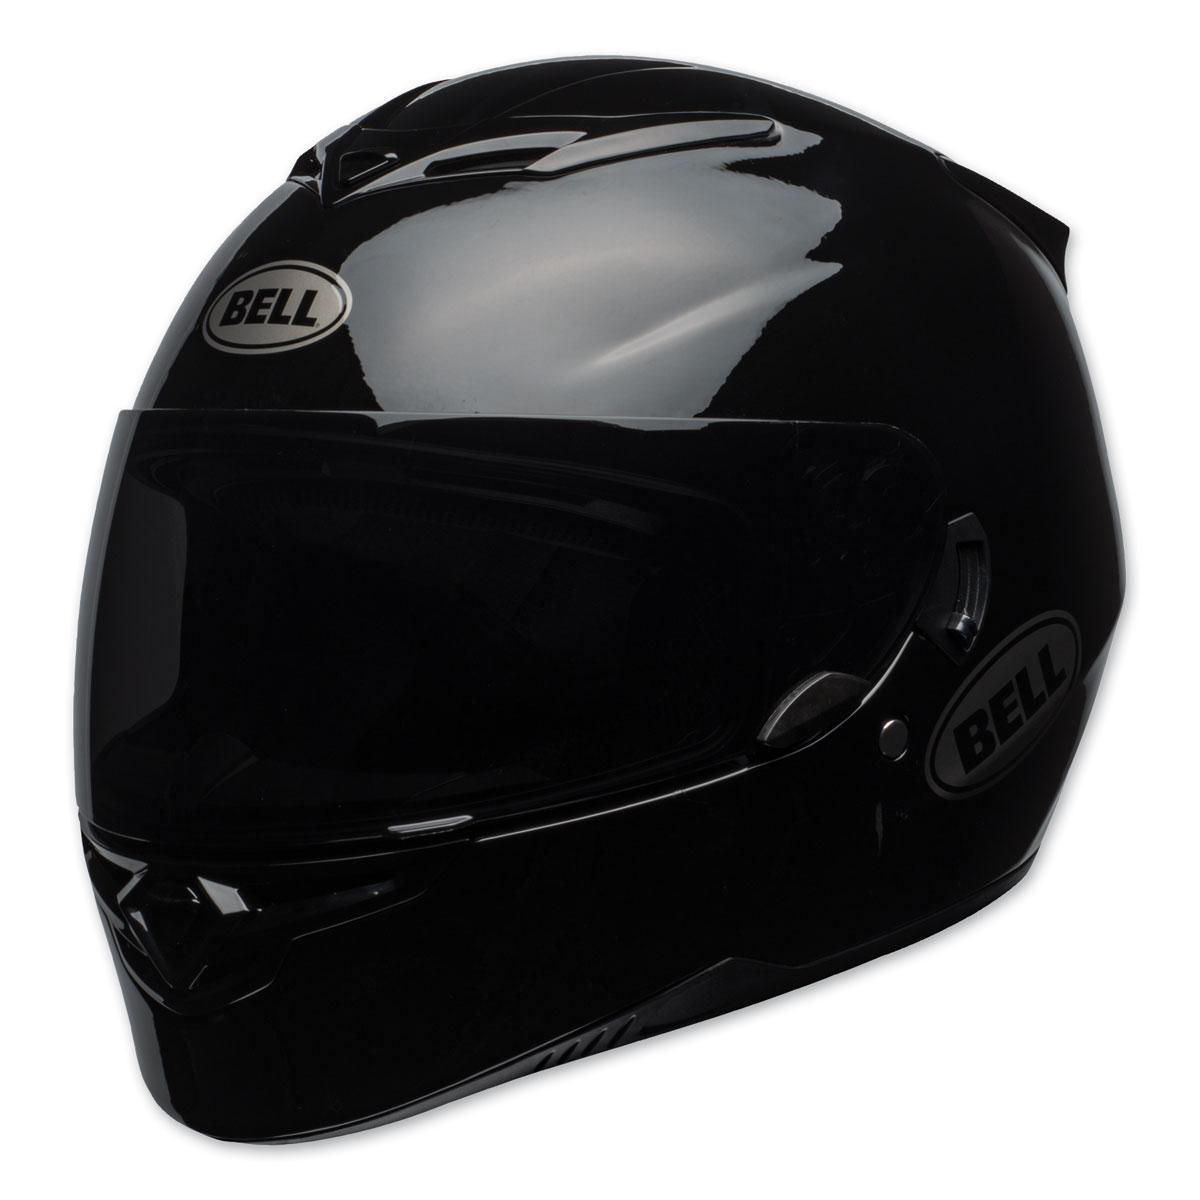 Bell RS-2 Gloss Black Full Face Helmet